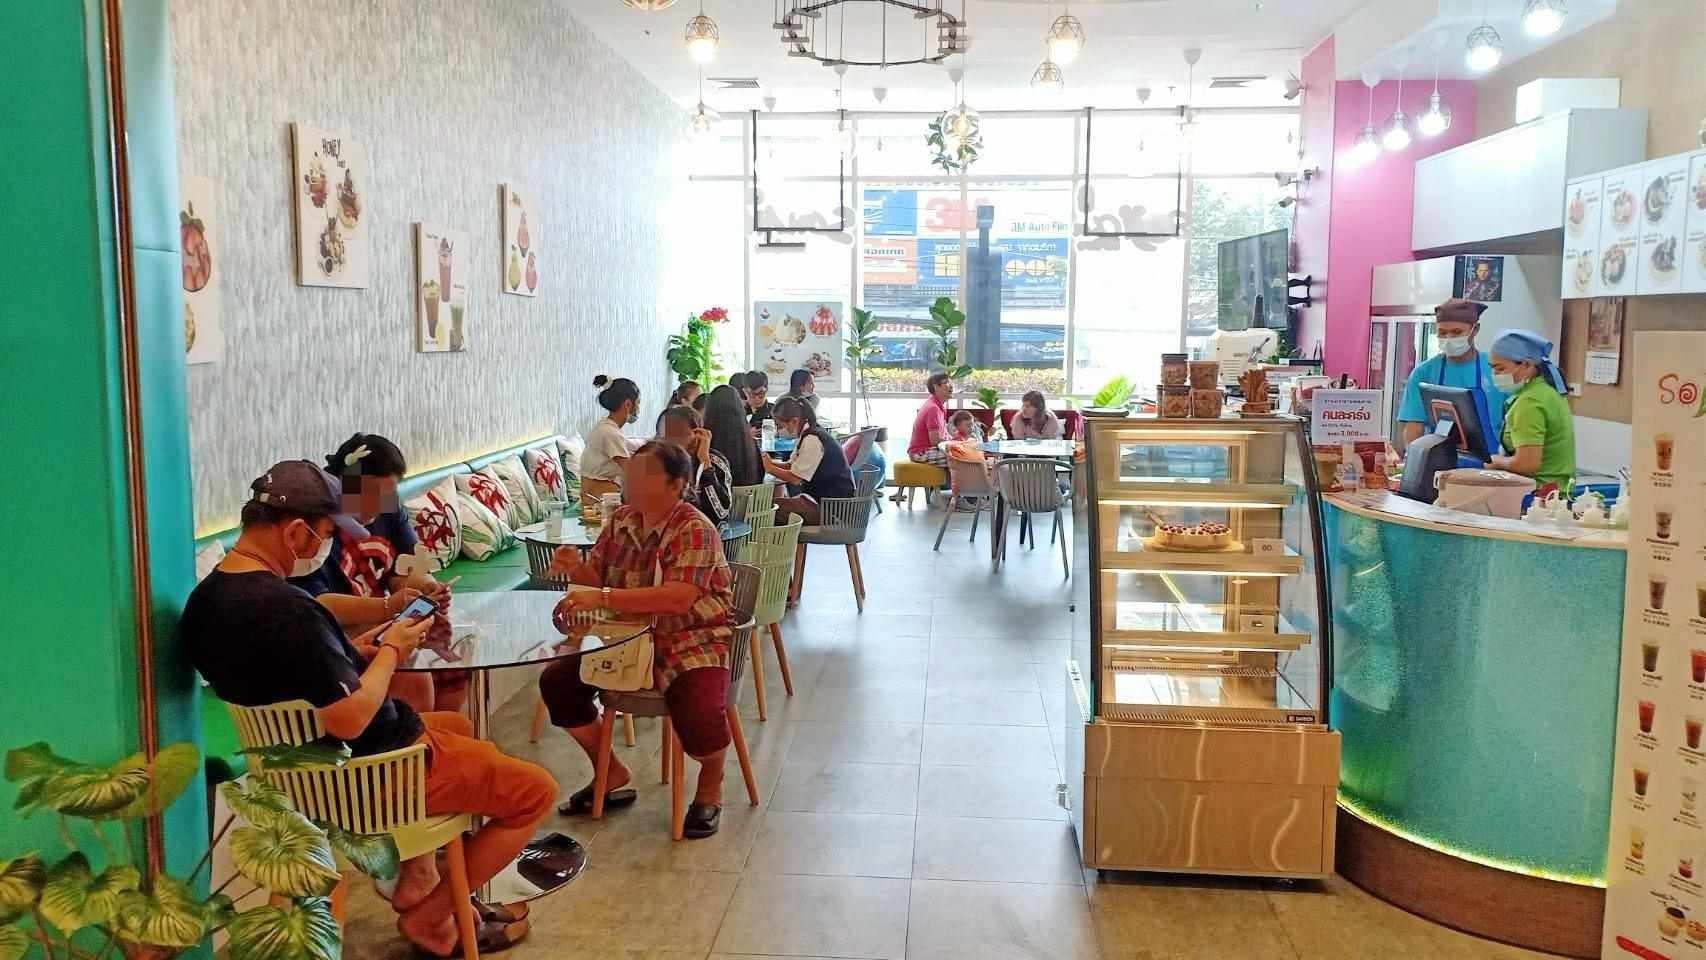 เซ้ง‼️ ร้านบิงซู-ชานม สไตล์คาเฟ่ ติดร้านMKสุกี้ @ห้างแพชชั่นระยอง (แหลมทองระยอง) ชั้น1